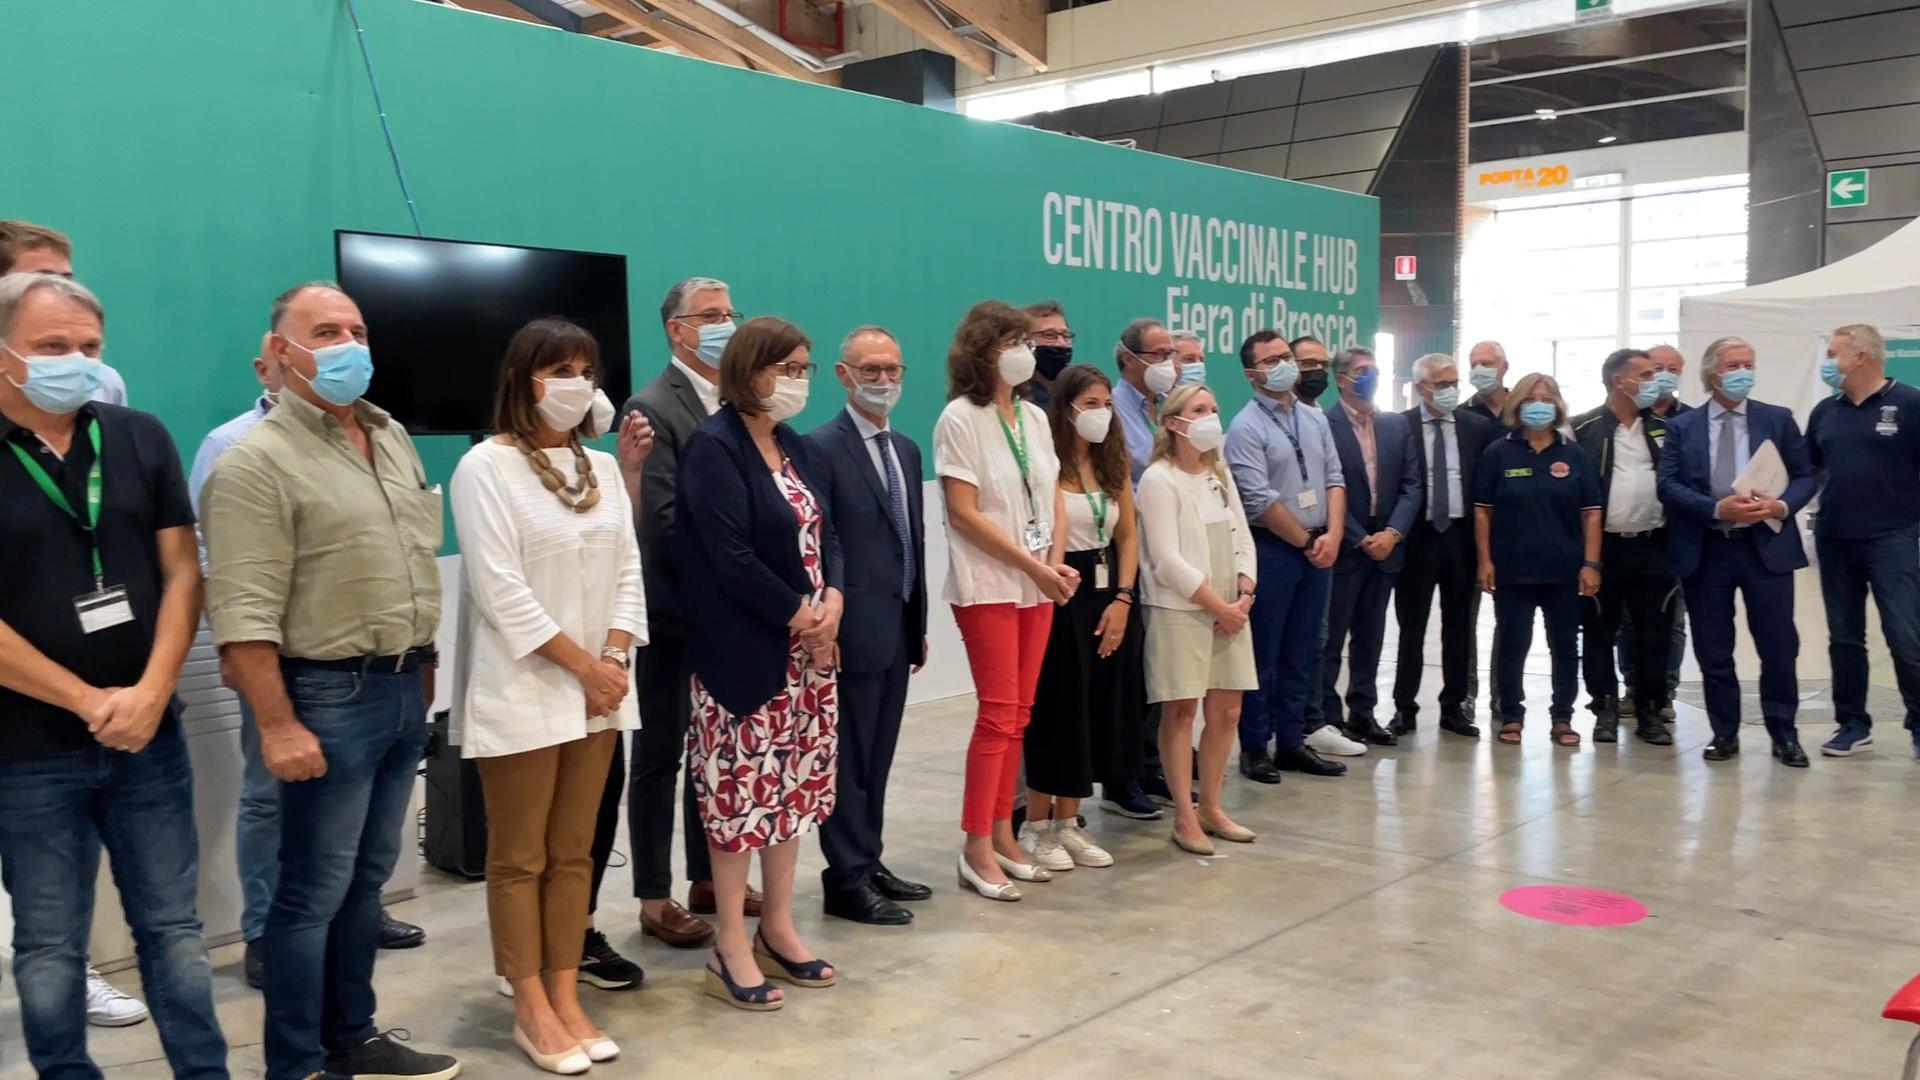 Cala il sipario sull'Hub vaccinale al Brixia Forum